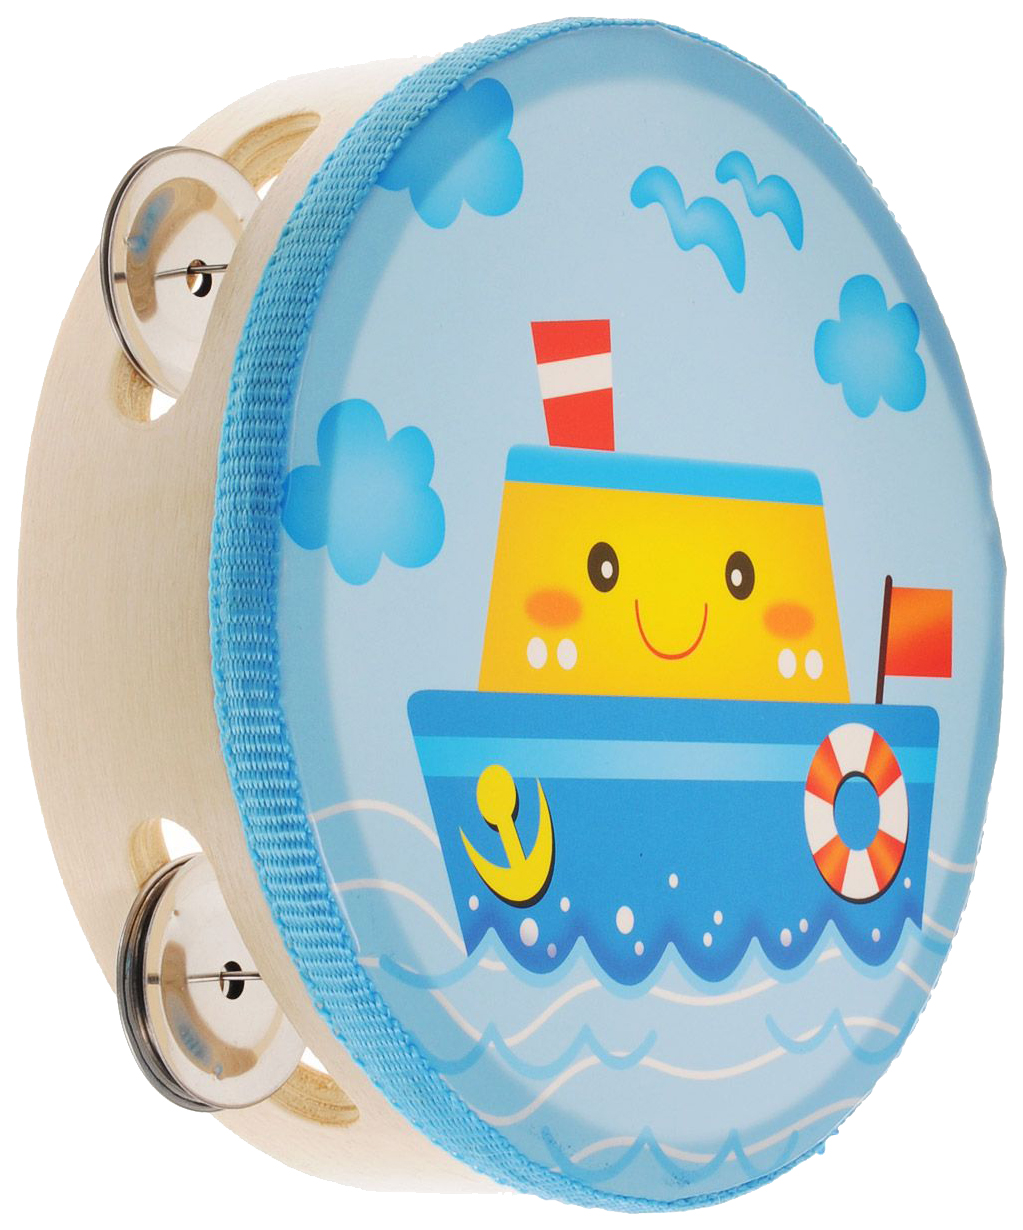 Купить Бубен игрушечный Мир деревянных игрушек Д212 в ассортименте, Мир Деревянных Игрушек, Детские музыкальные инструменты